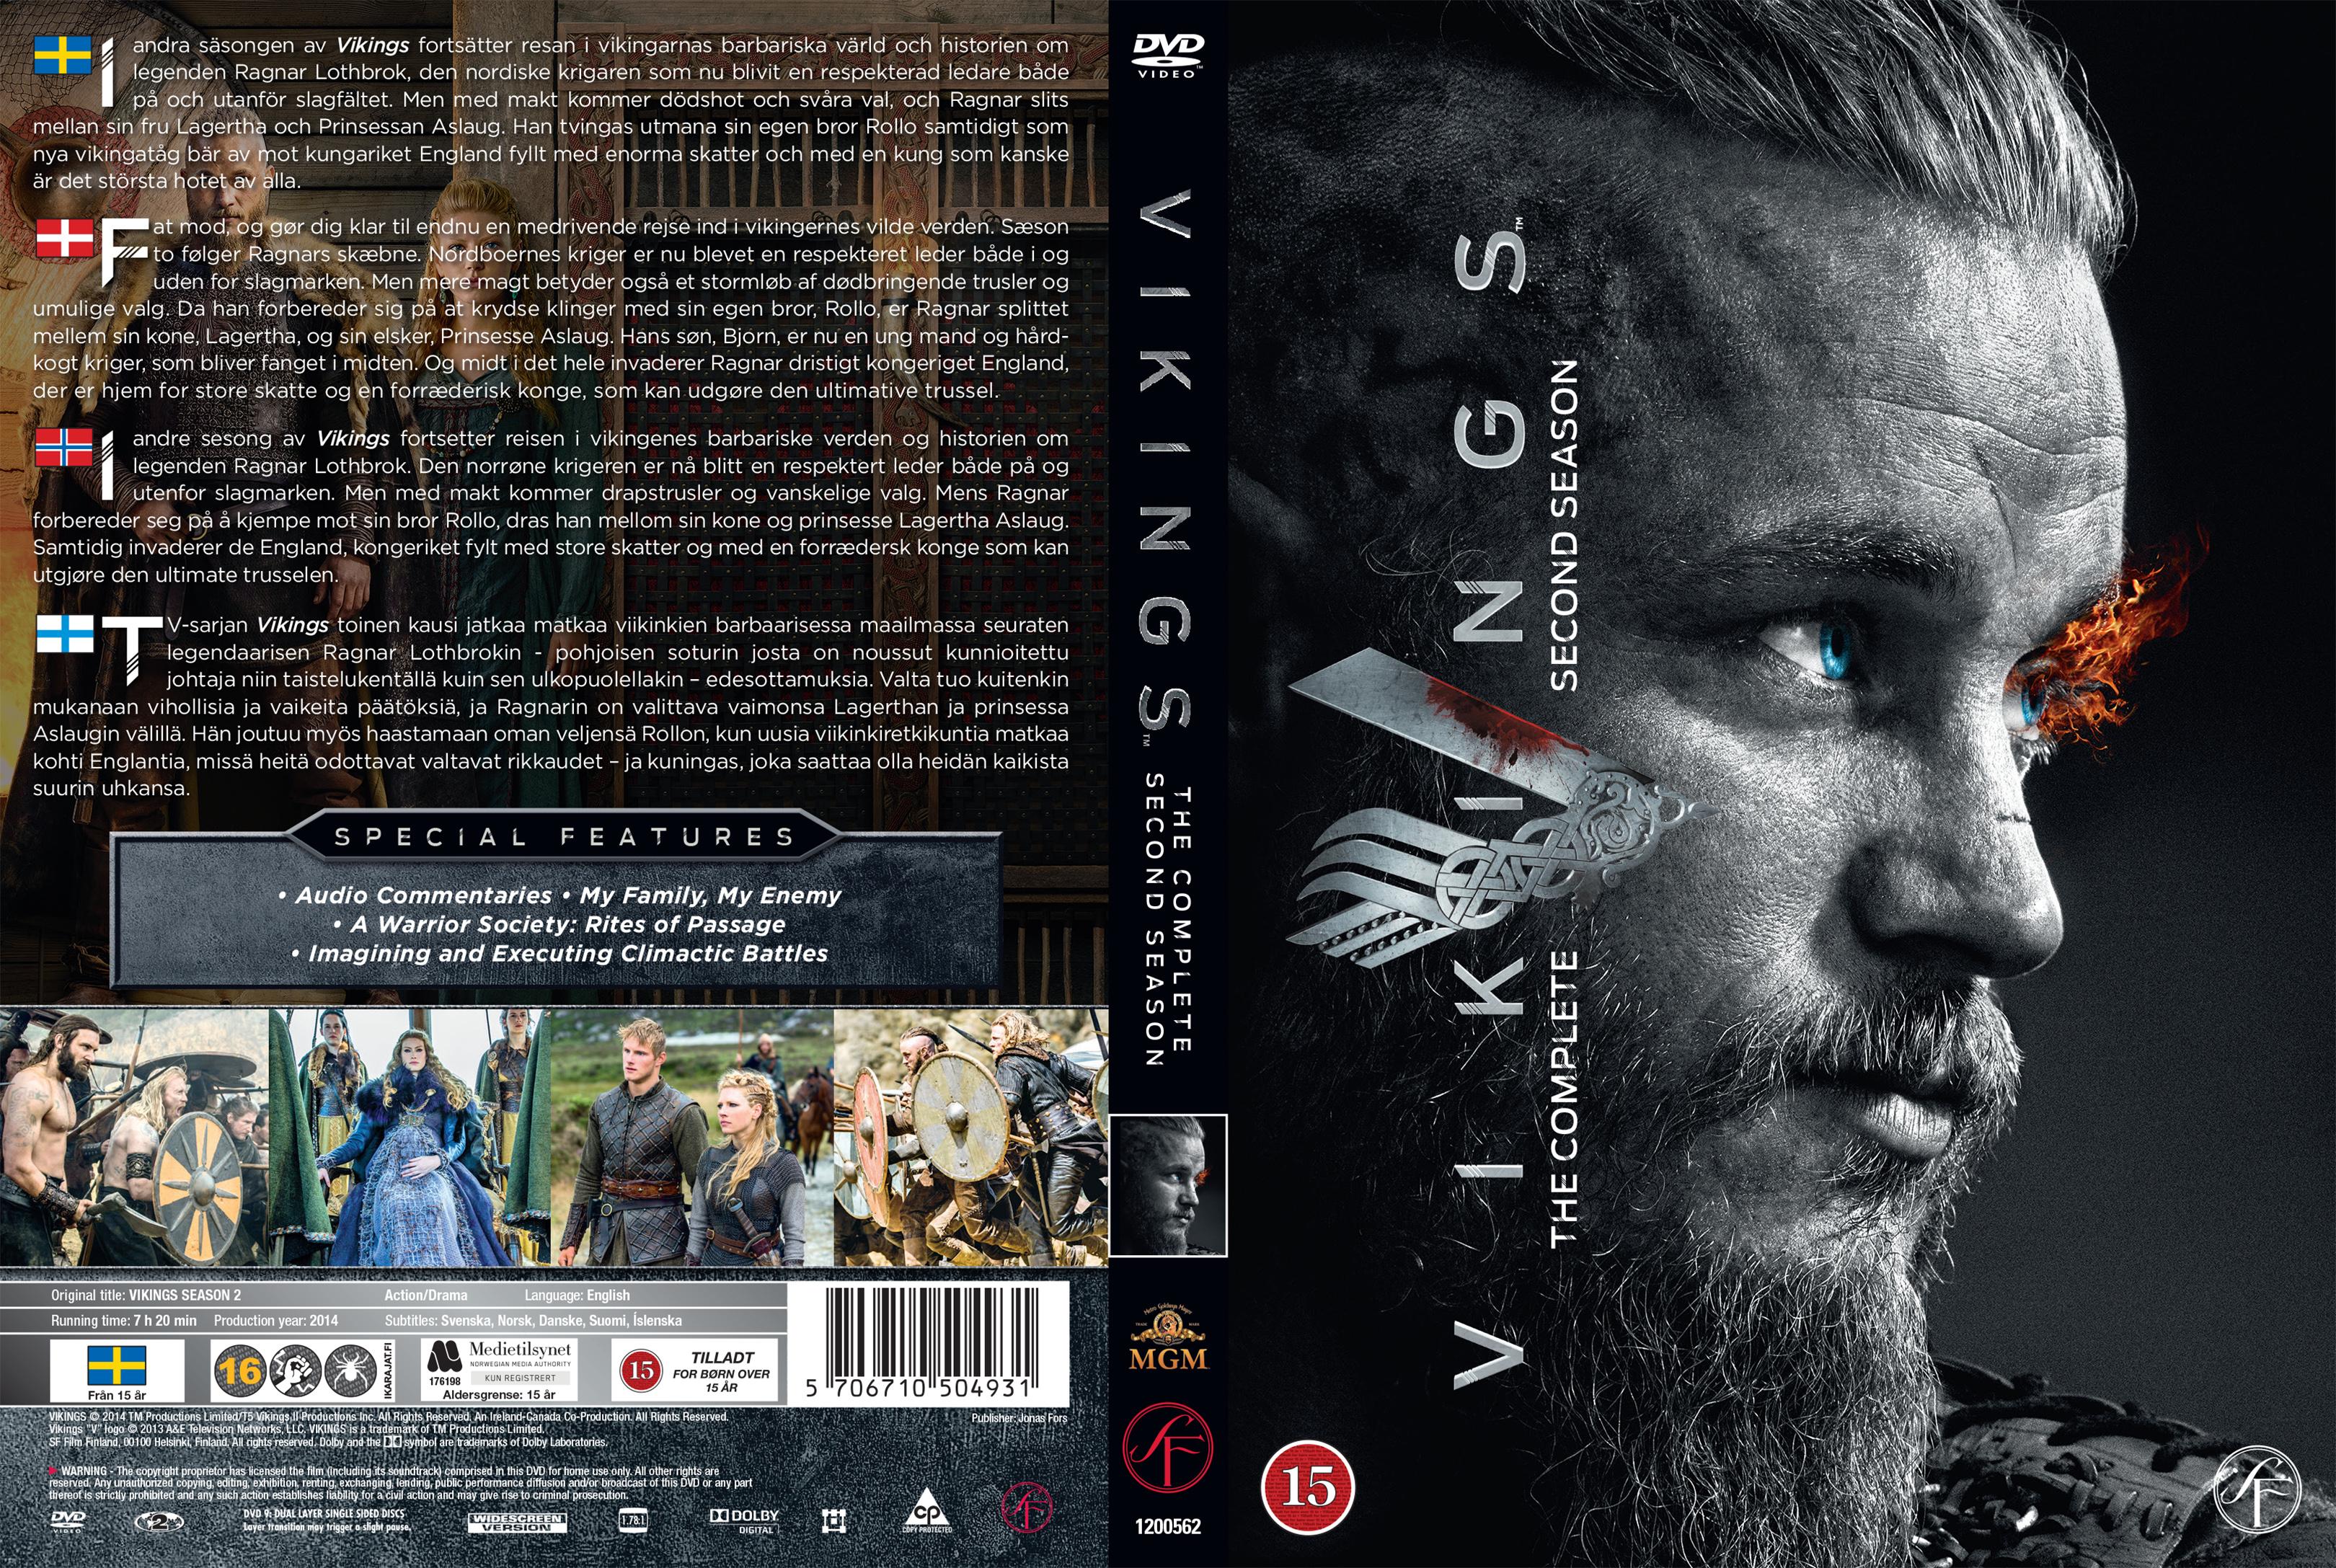 vikings staffel 5 dvd deutsch erscheinungsdatum